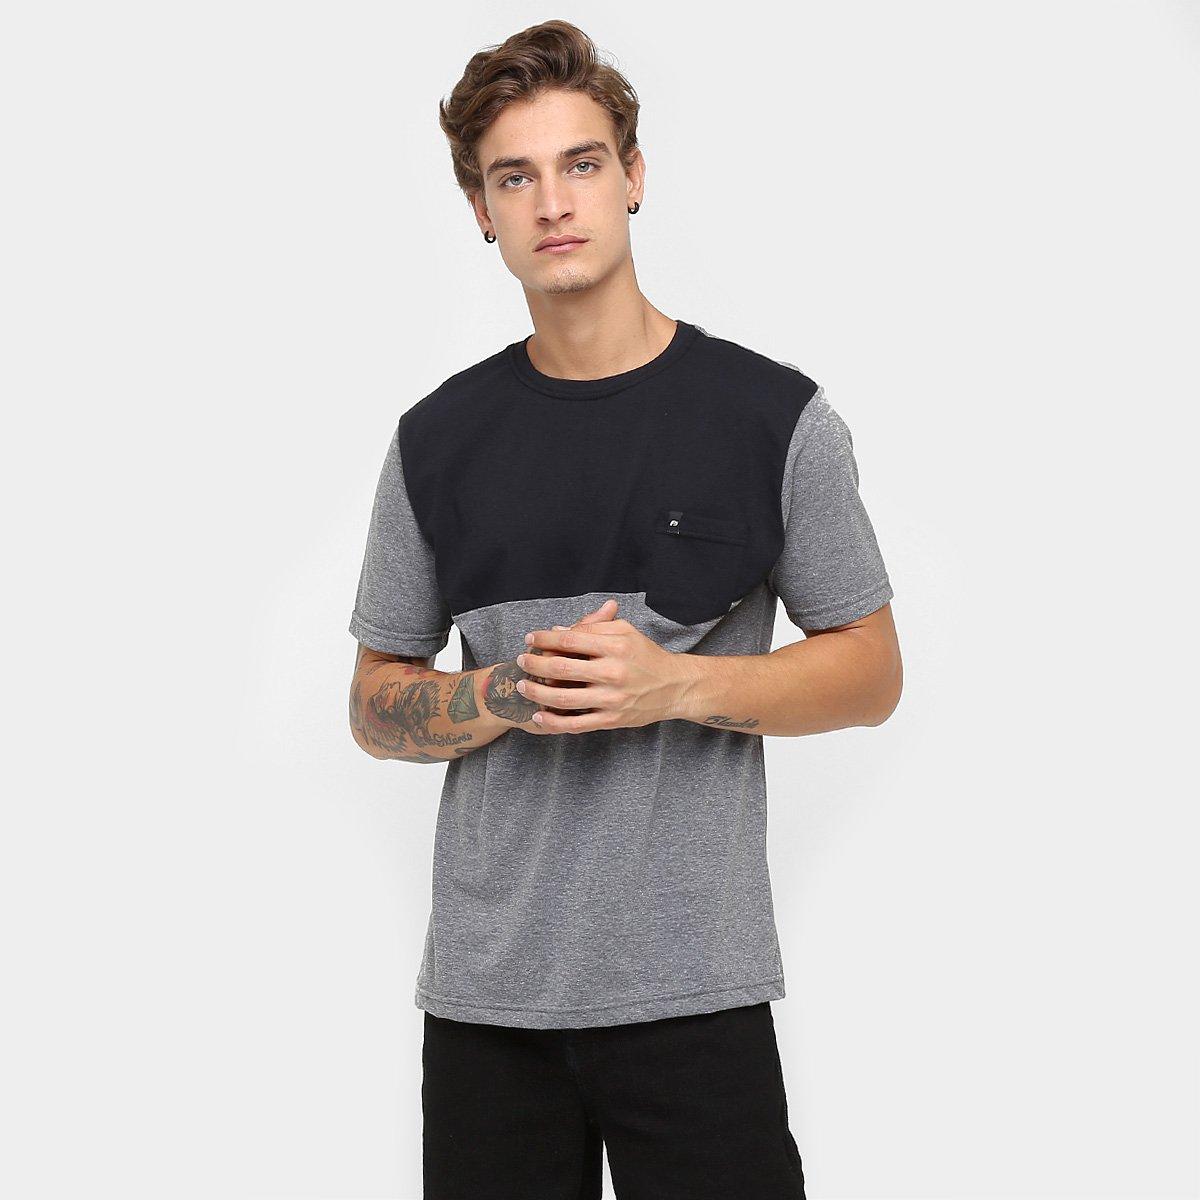 Camiseta Free Surf Básica Black - Compre Agora  62bac284446